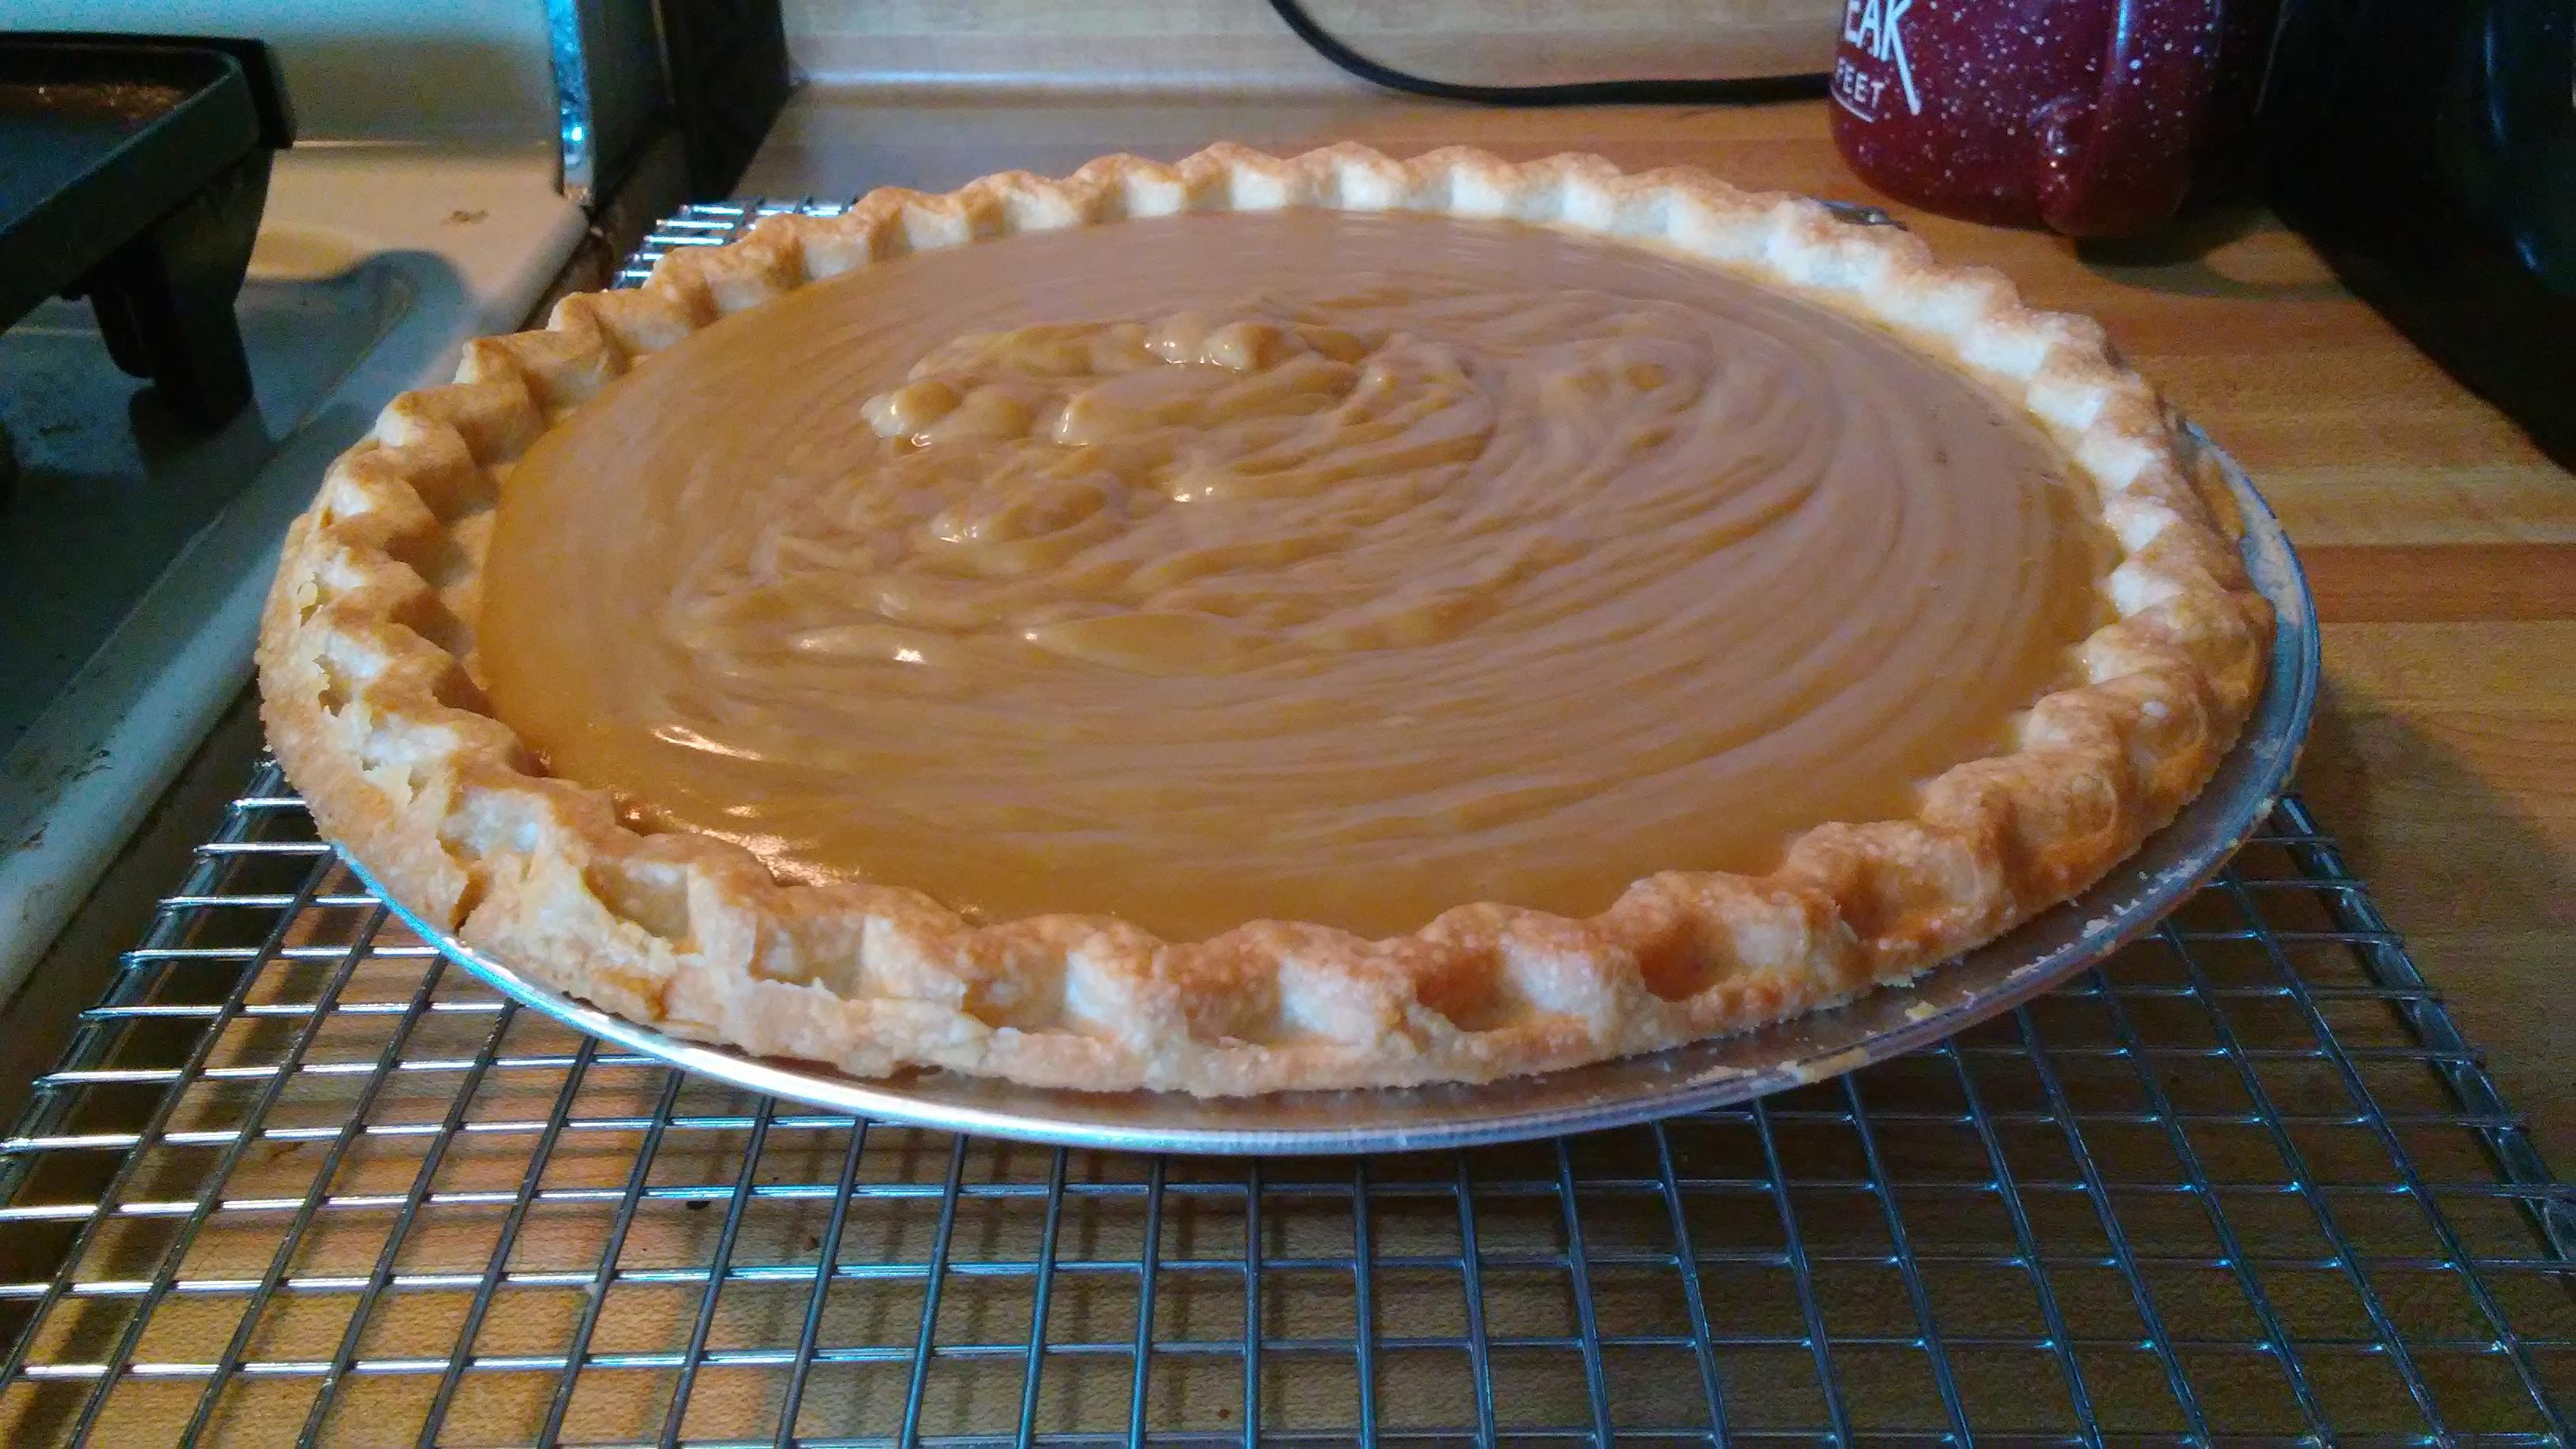 Kelly's Butterscotch Pudding Robert